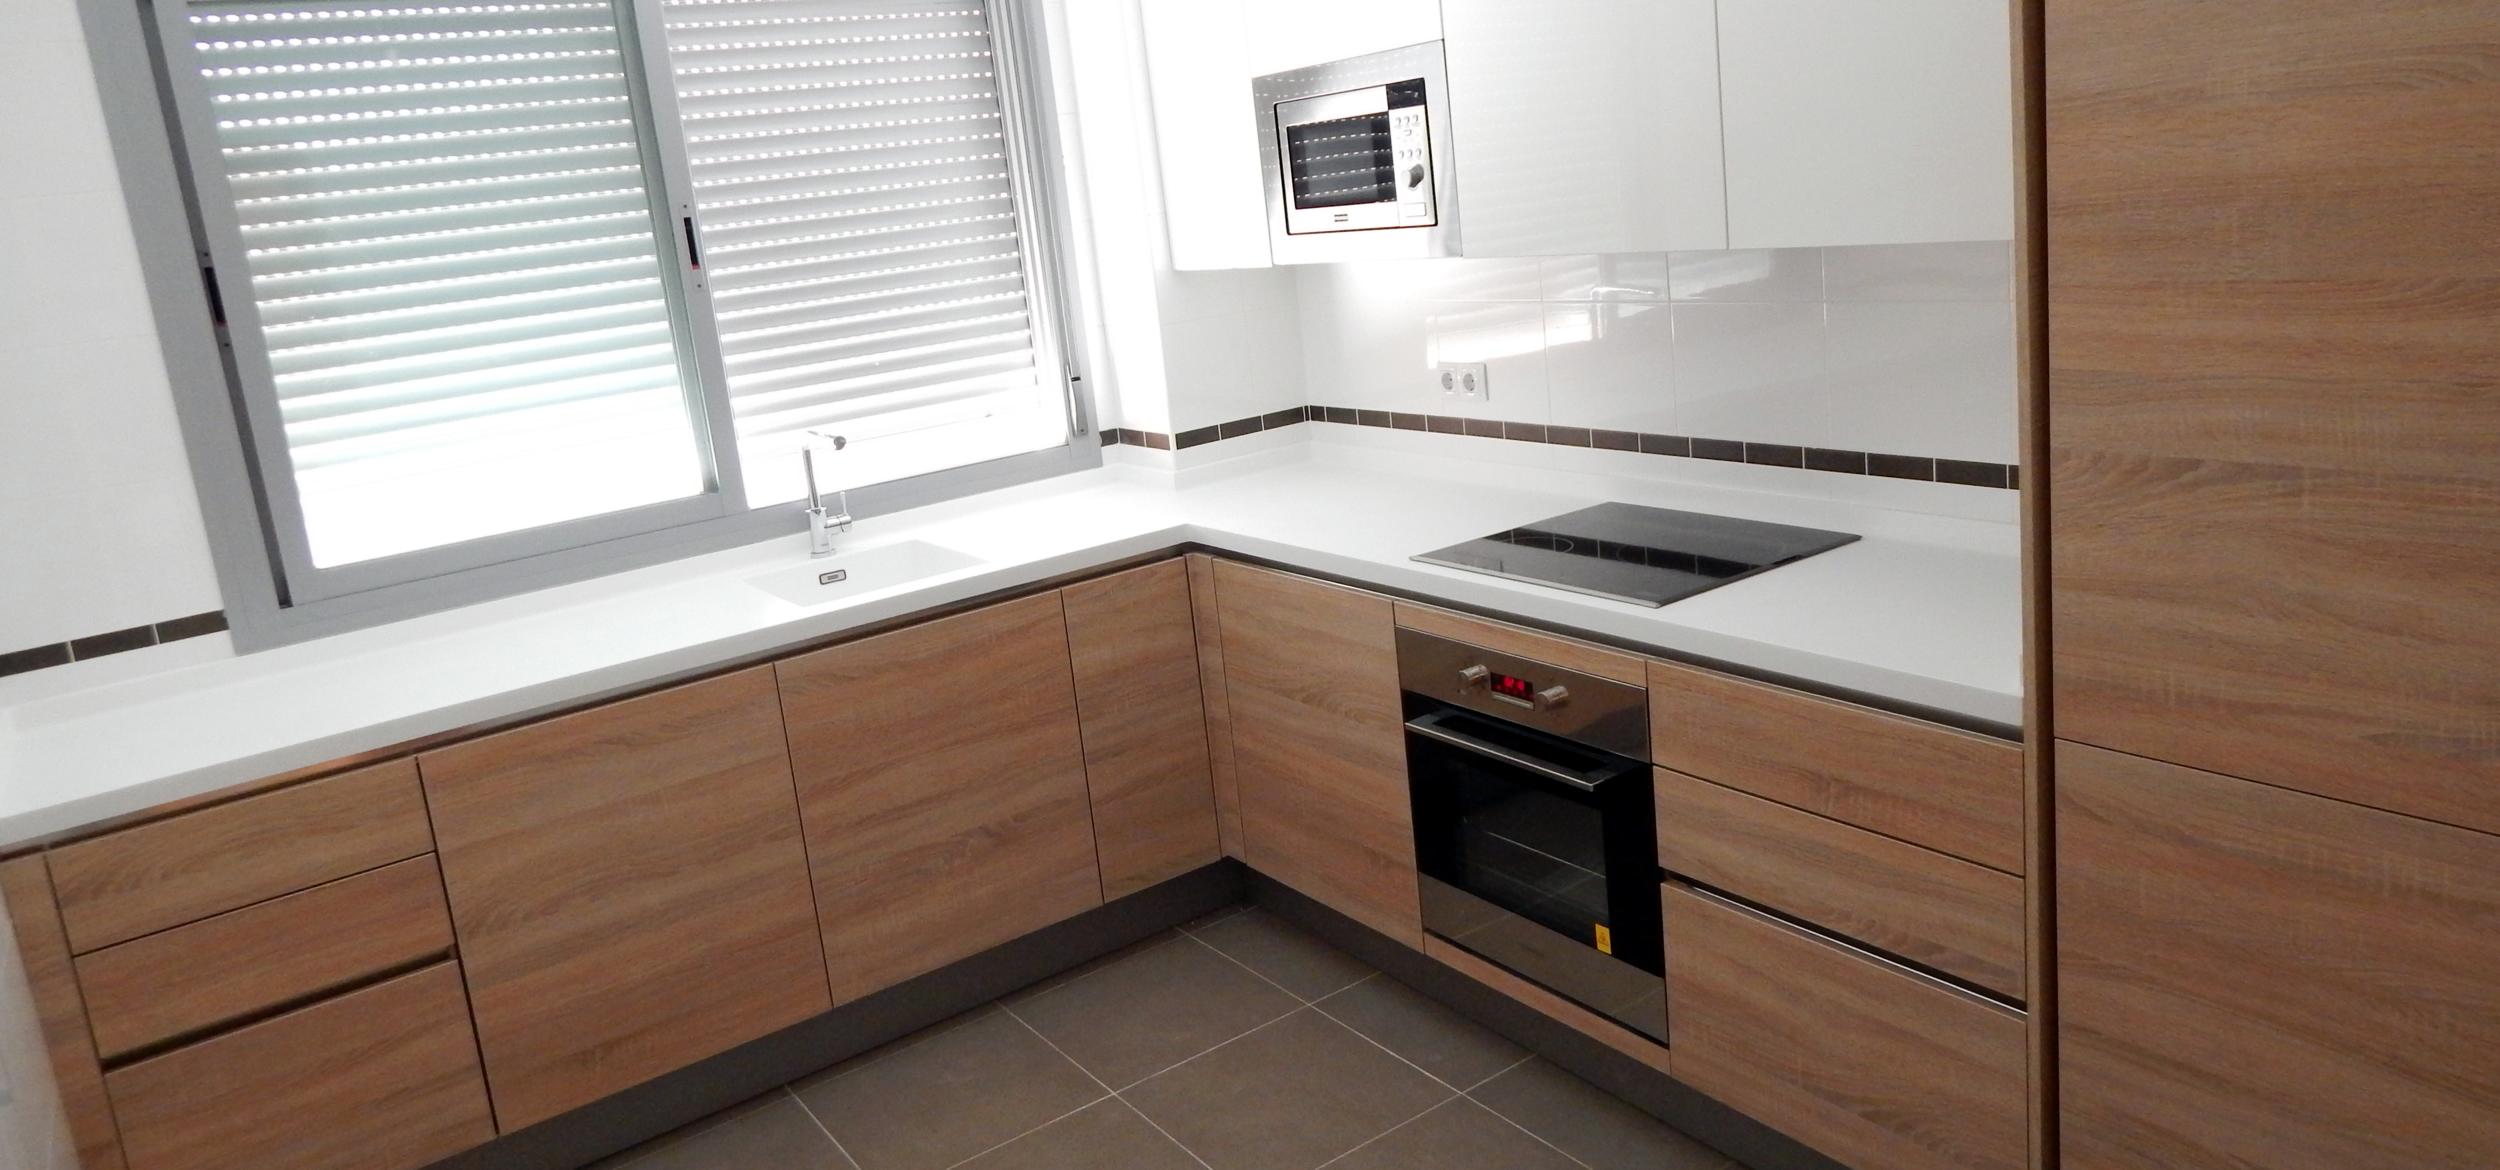 Muebles de cocina sin tiradores for Muebles de cocina precios y modelos